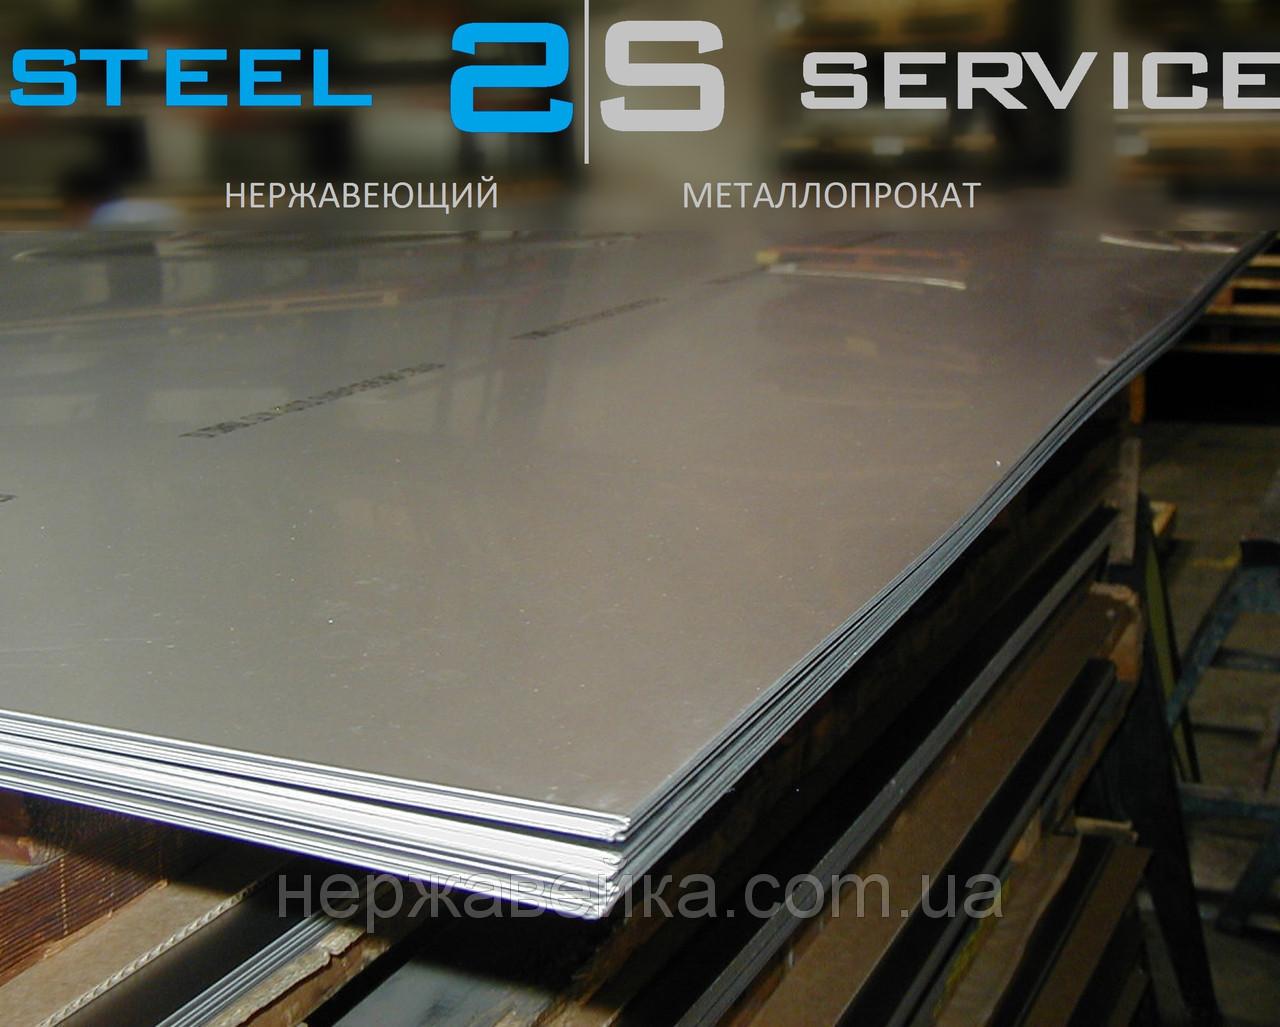 Нержавеющий лист 14х1250х2500мм  AISI 309(20Х23Н13, 20Х20Н14С2) F1 - горячекатанный,  жаропрочный